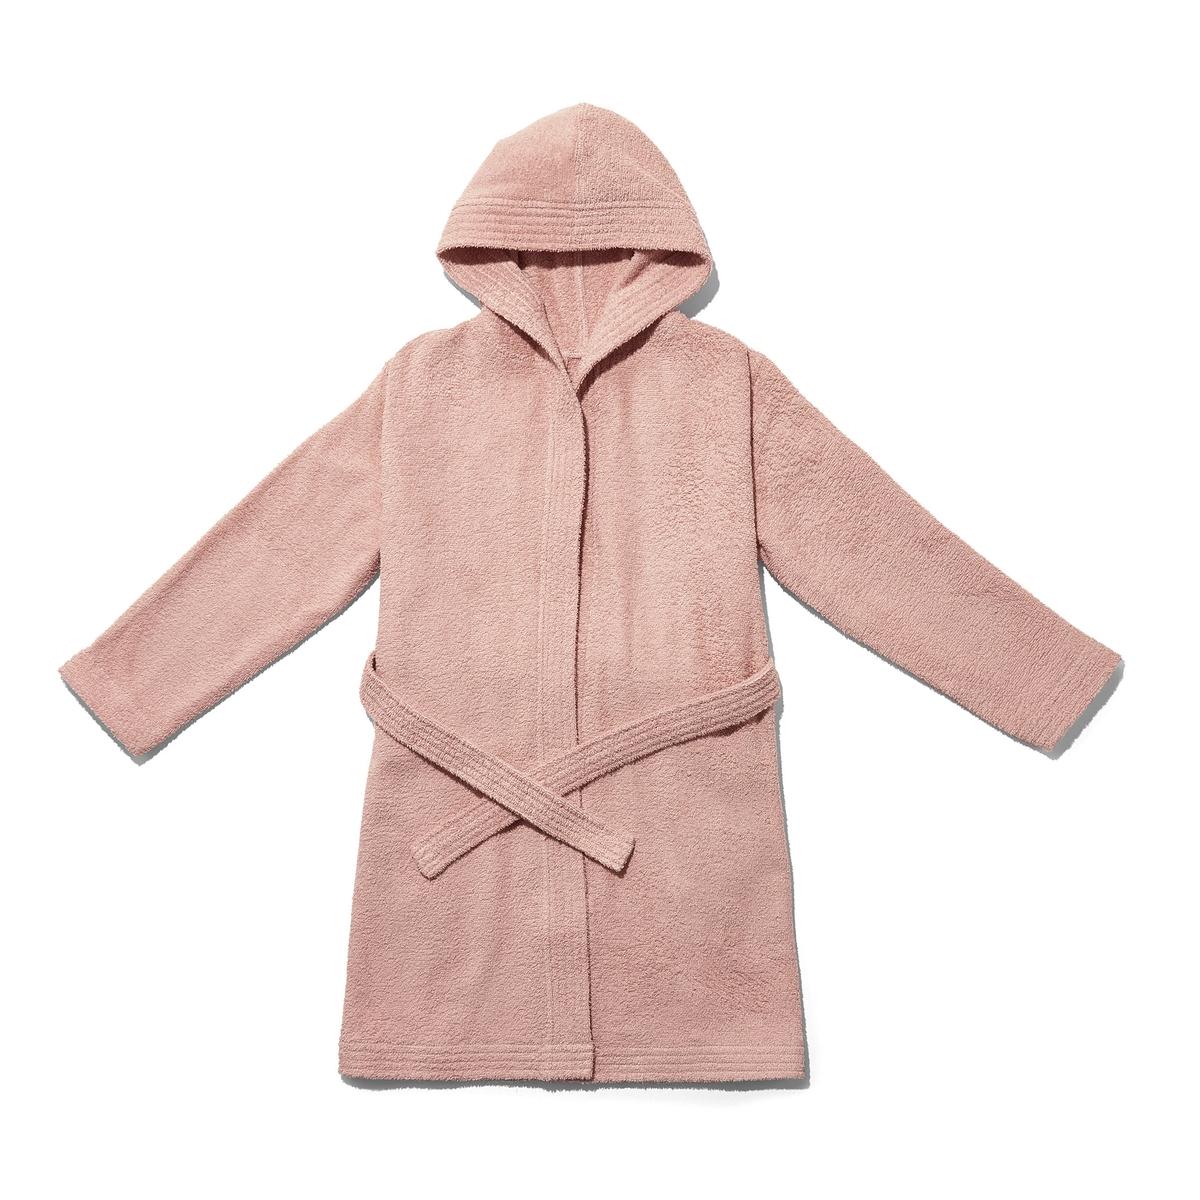 Халат La Redoute Детский с капюшоном из биохлопка Scnario 8/10 лет - 126/138 см розовый